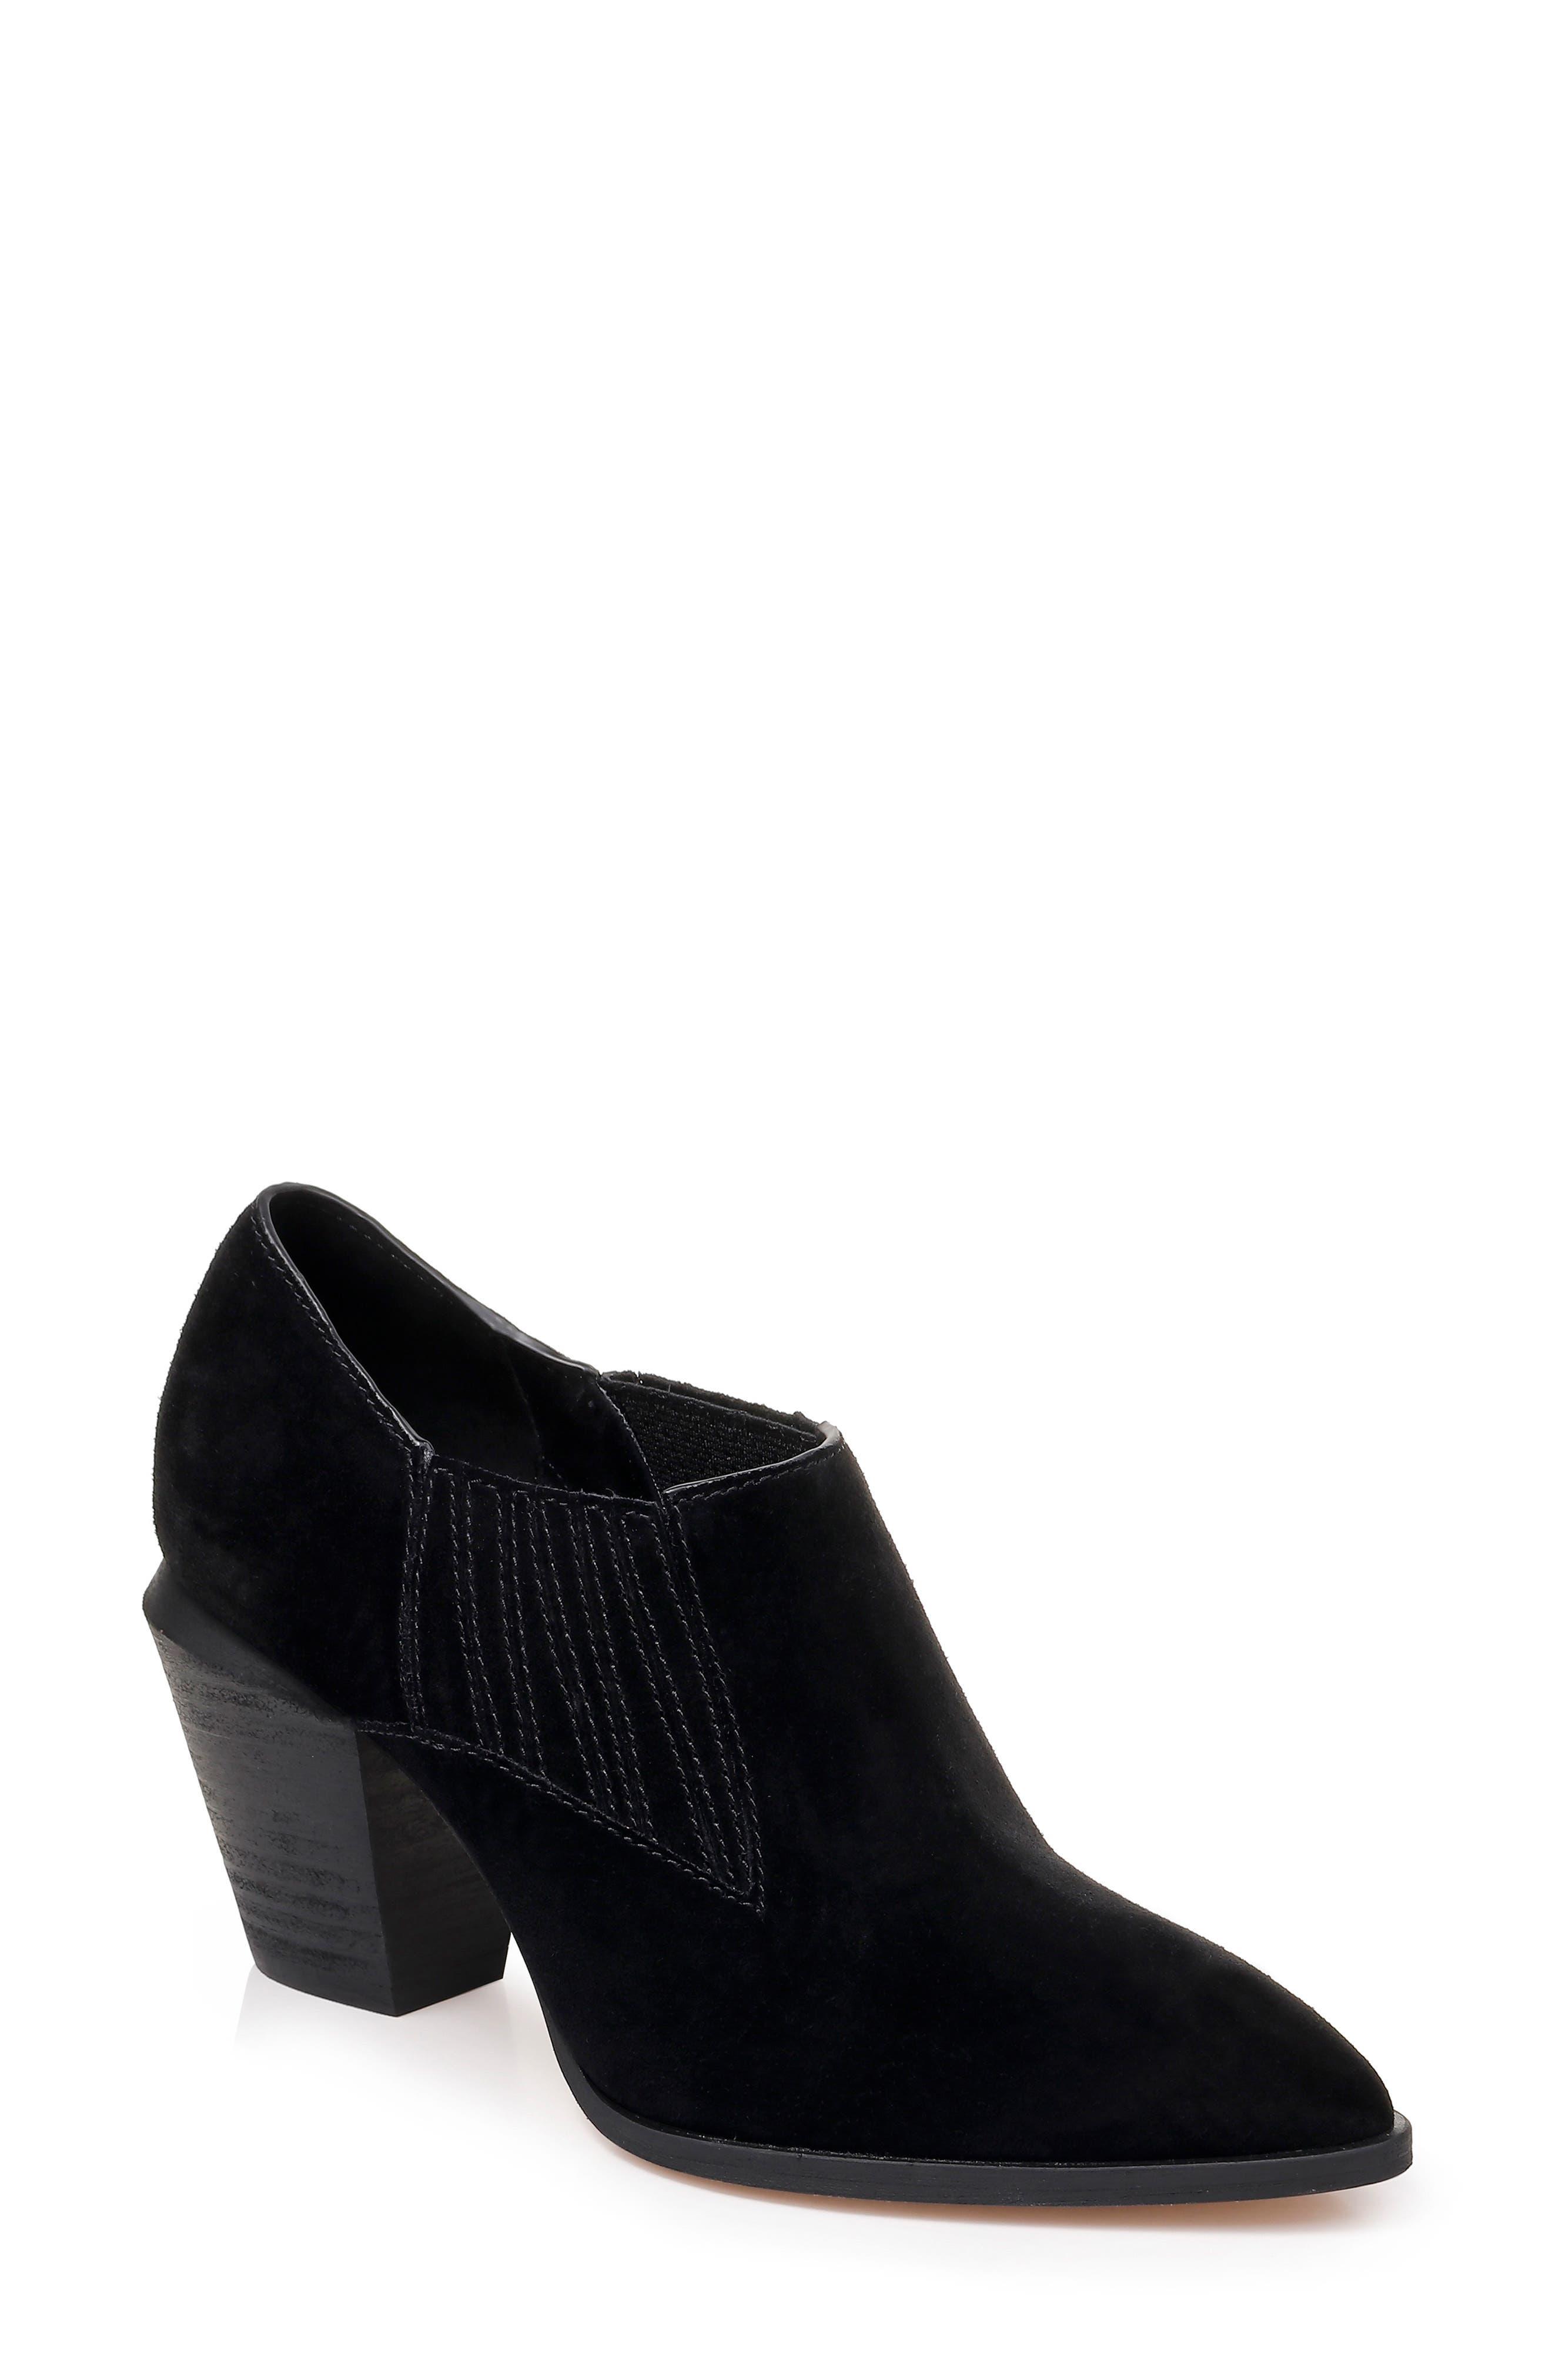 Splendid Hertha Ankle Boot, Black